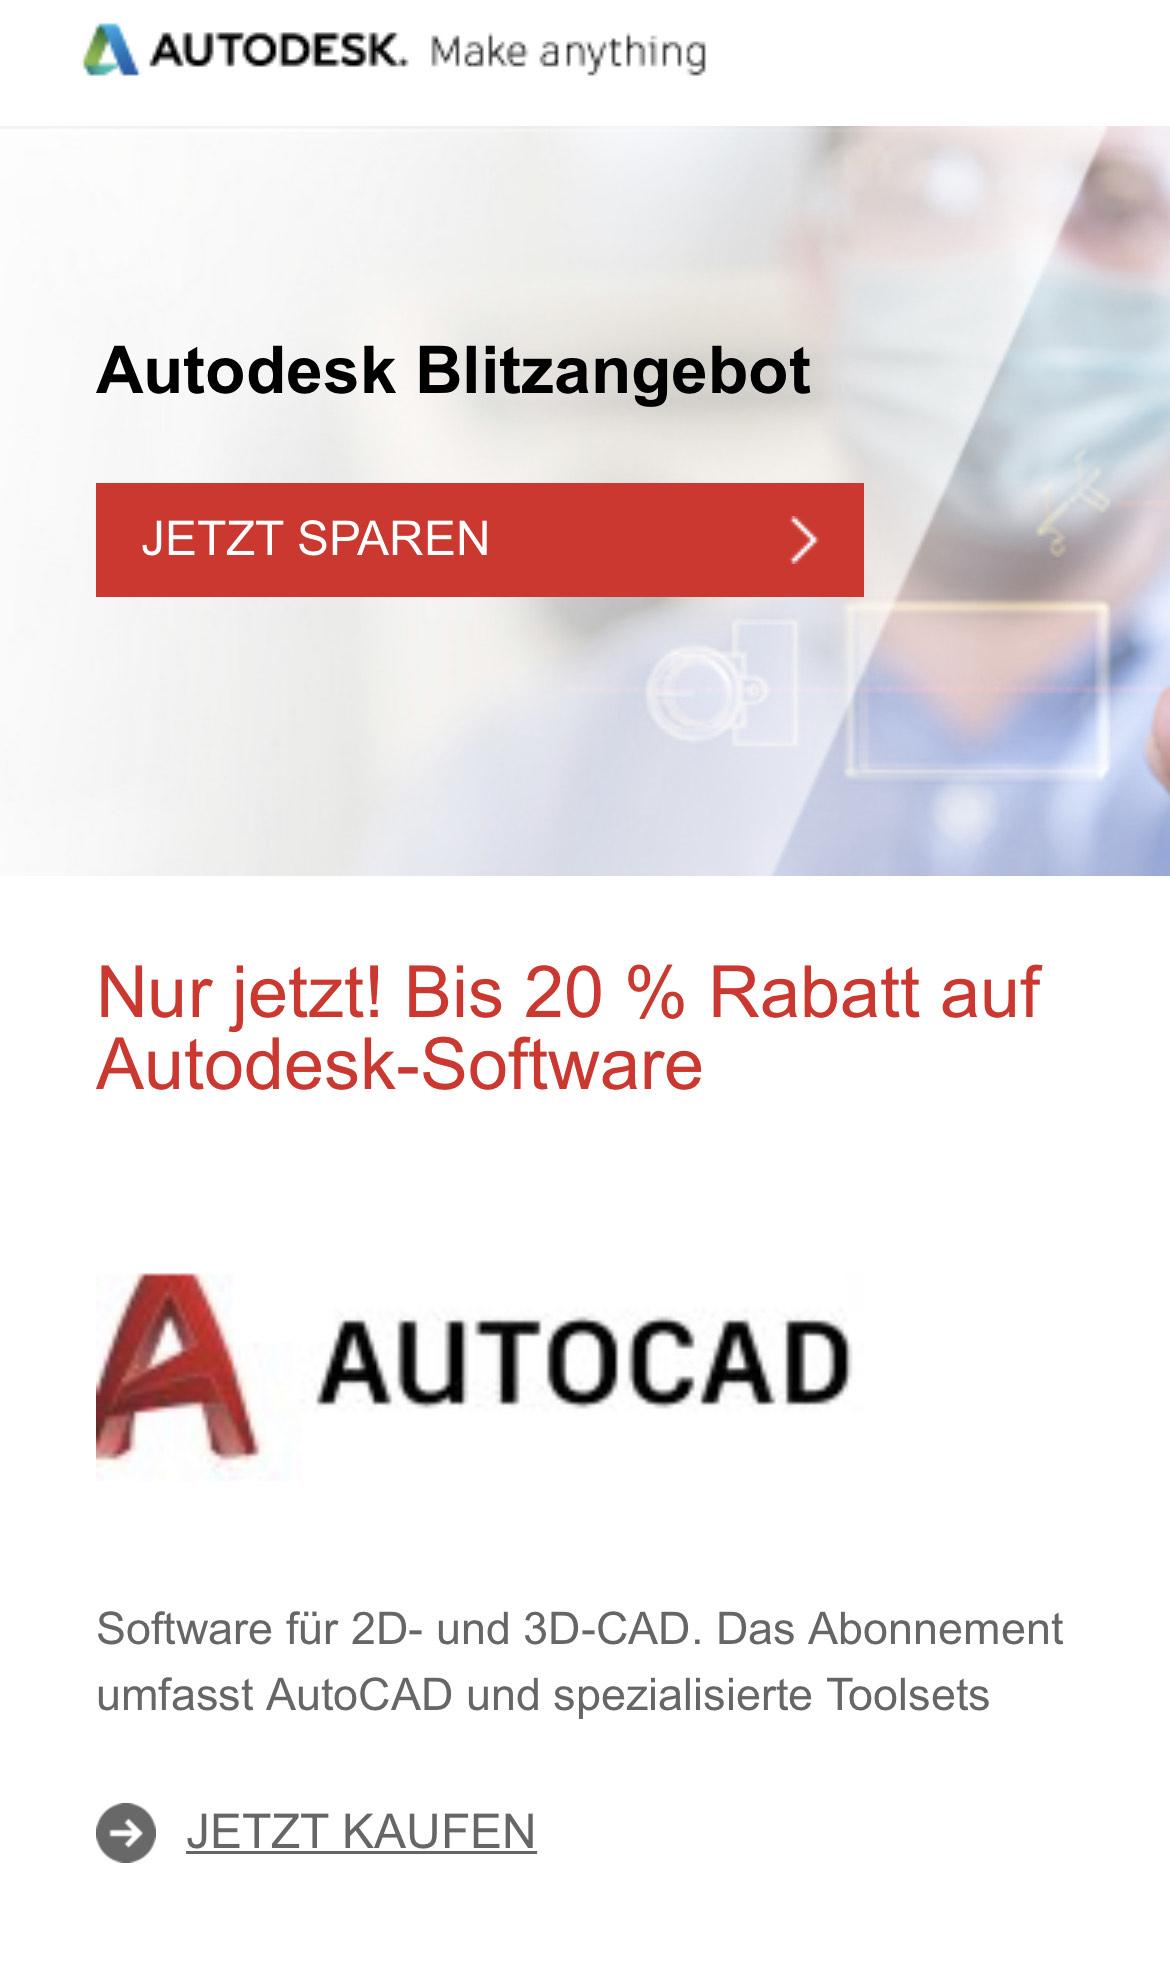 Bis zu 20% Rabatt auf Autodesk-Software